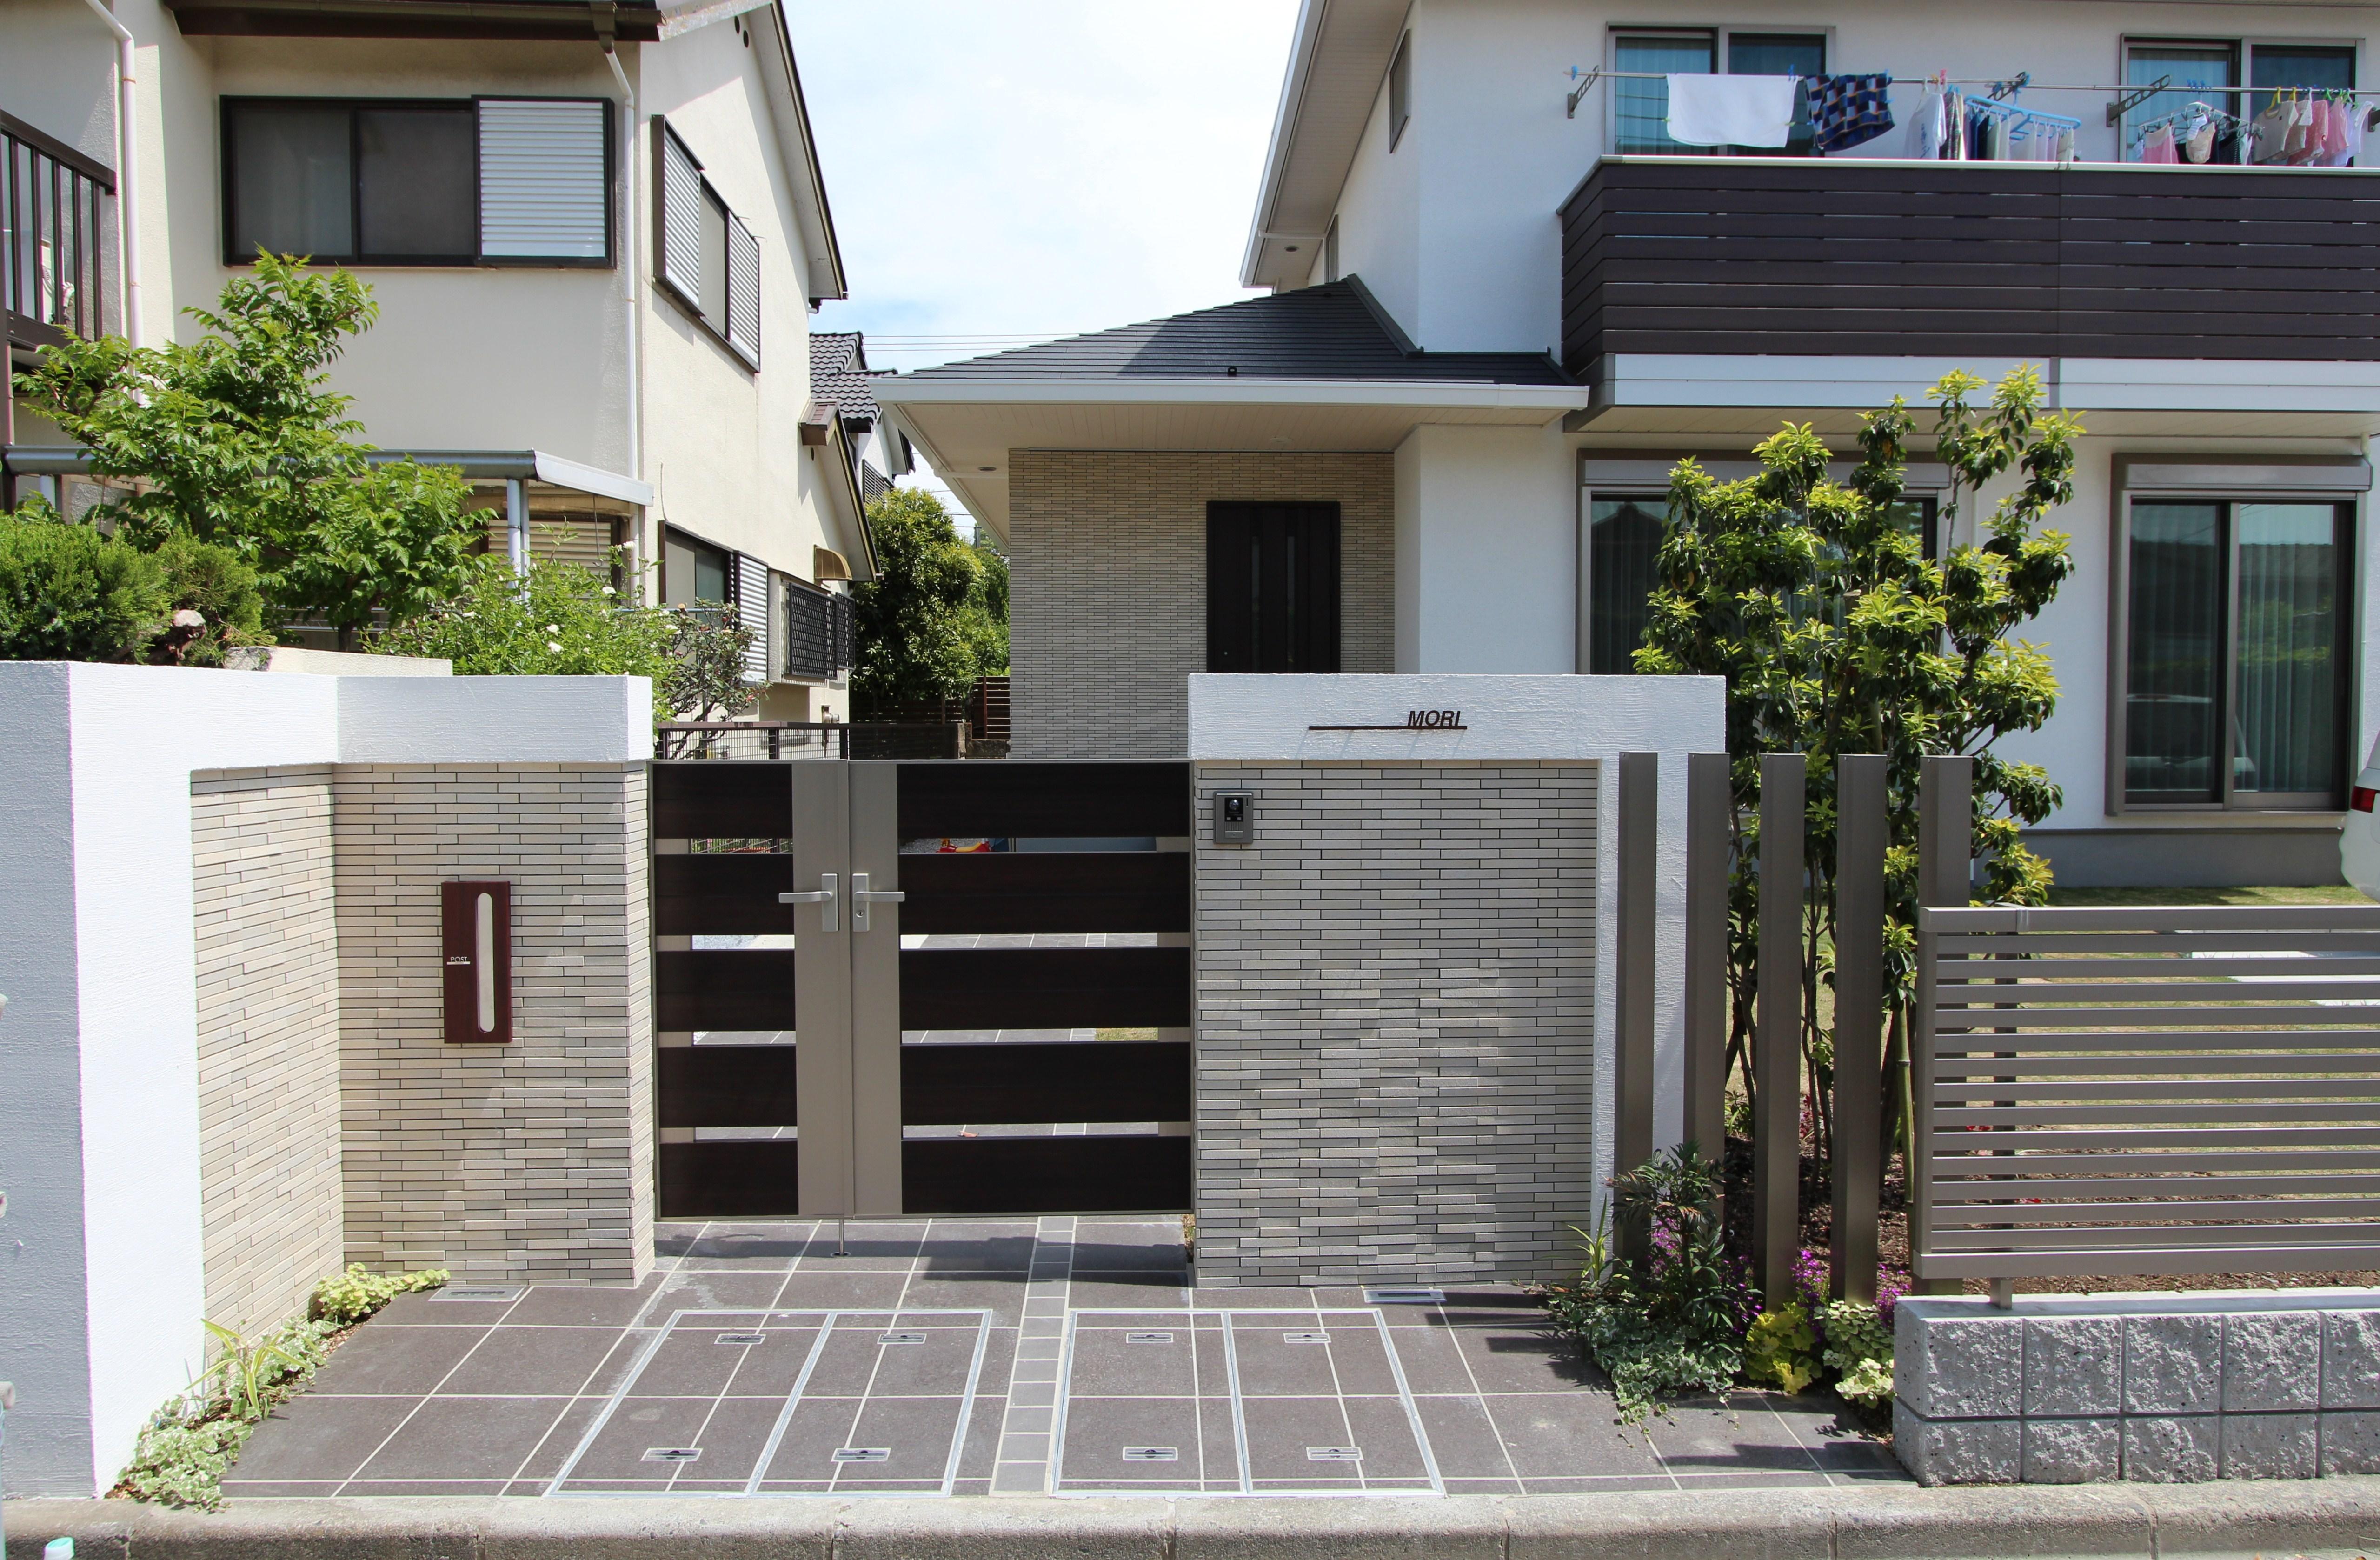 クローズ外構に植栽と角柱で抜け感をプラス 横浜市戸塚区